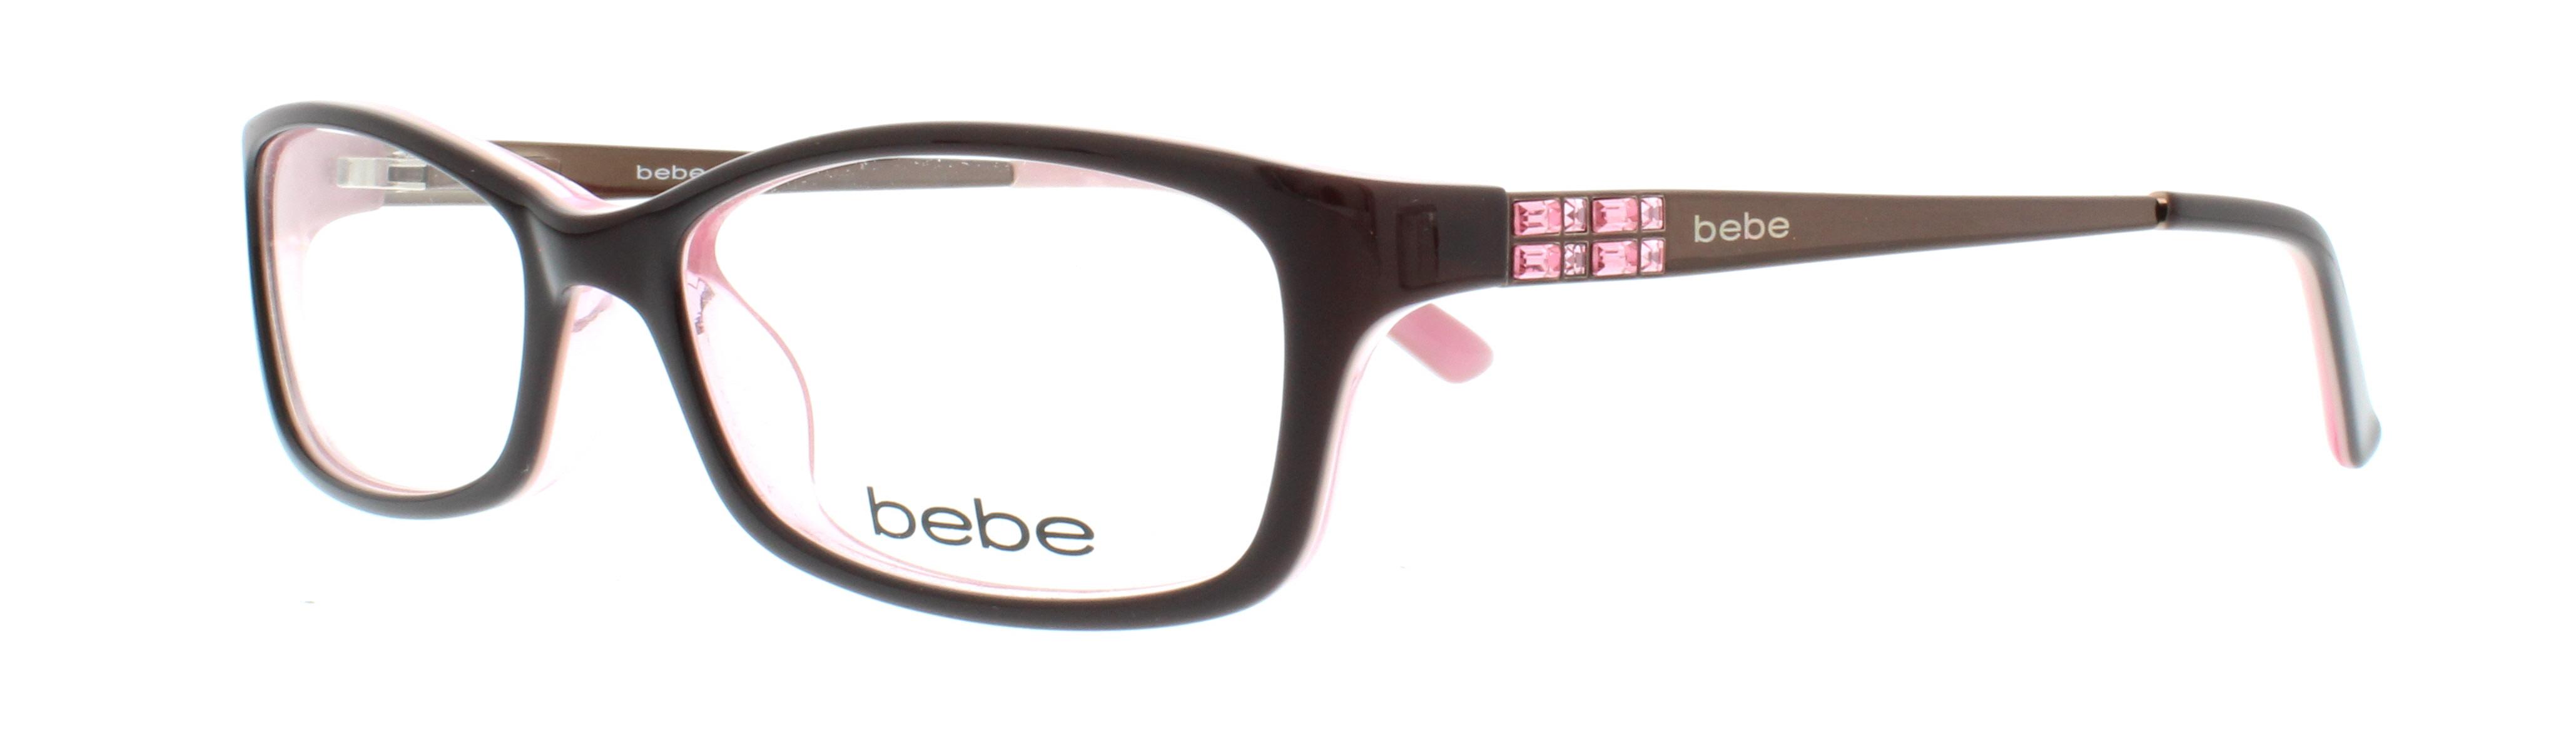 201d07a073 Designer Frames Outlet. Bebe BB5044 Envy